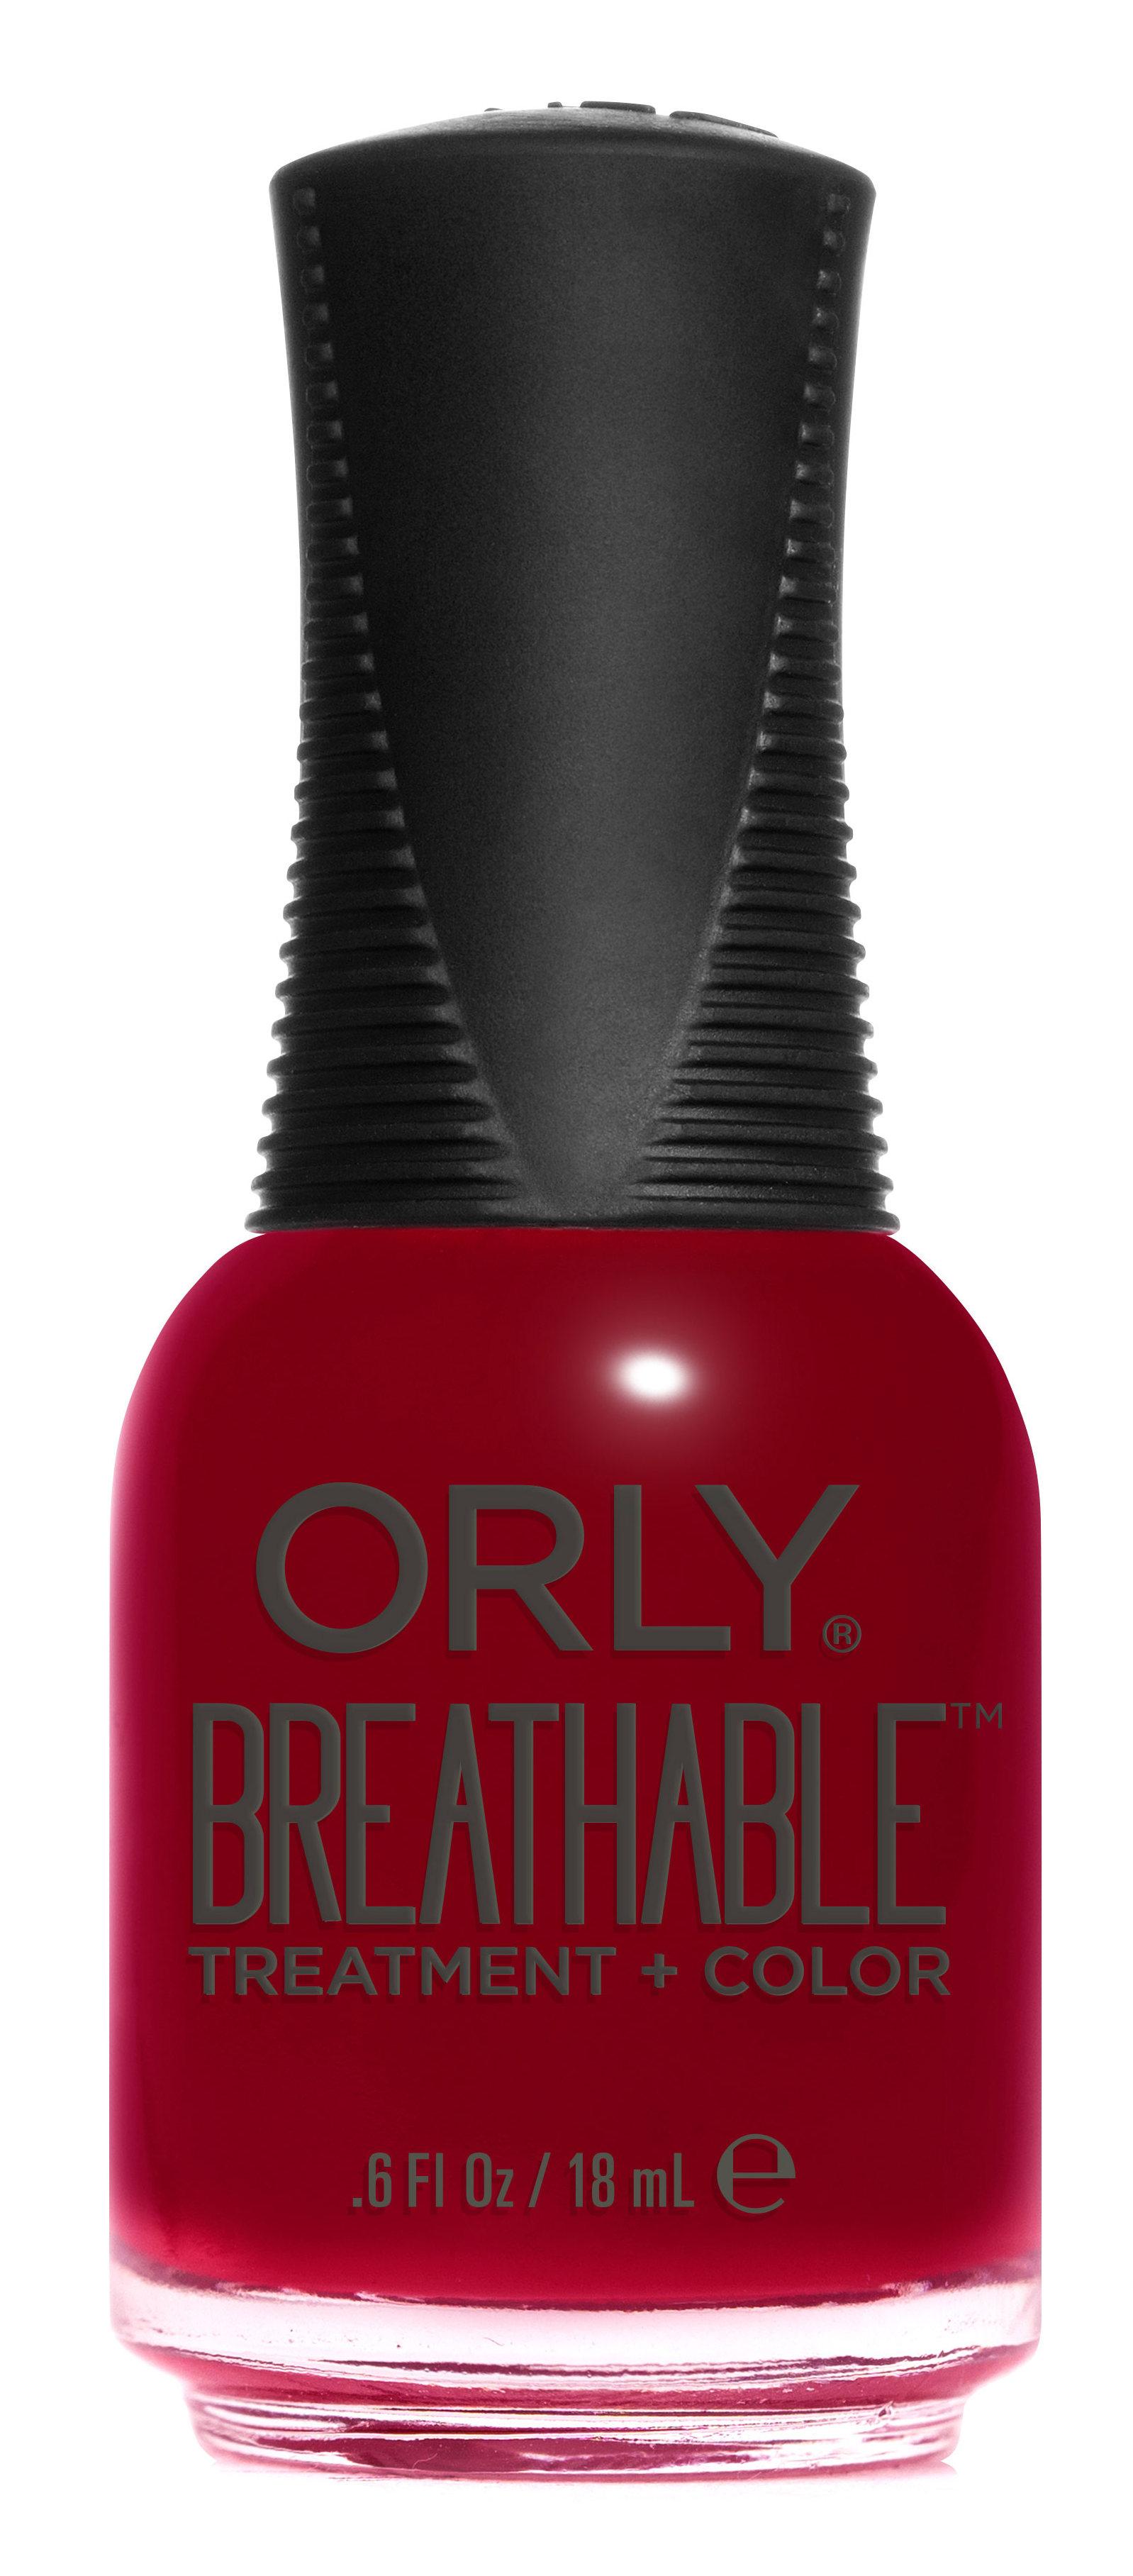 ORLY Лак для ногтей 963 NAMASTE HEALTHY / BREATHABLE 18 мл фен elchim 3900 healthy ionic red 03073 07